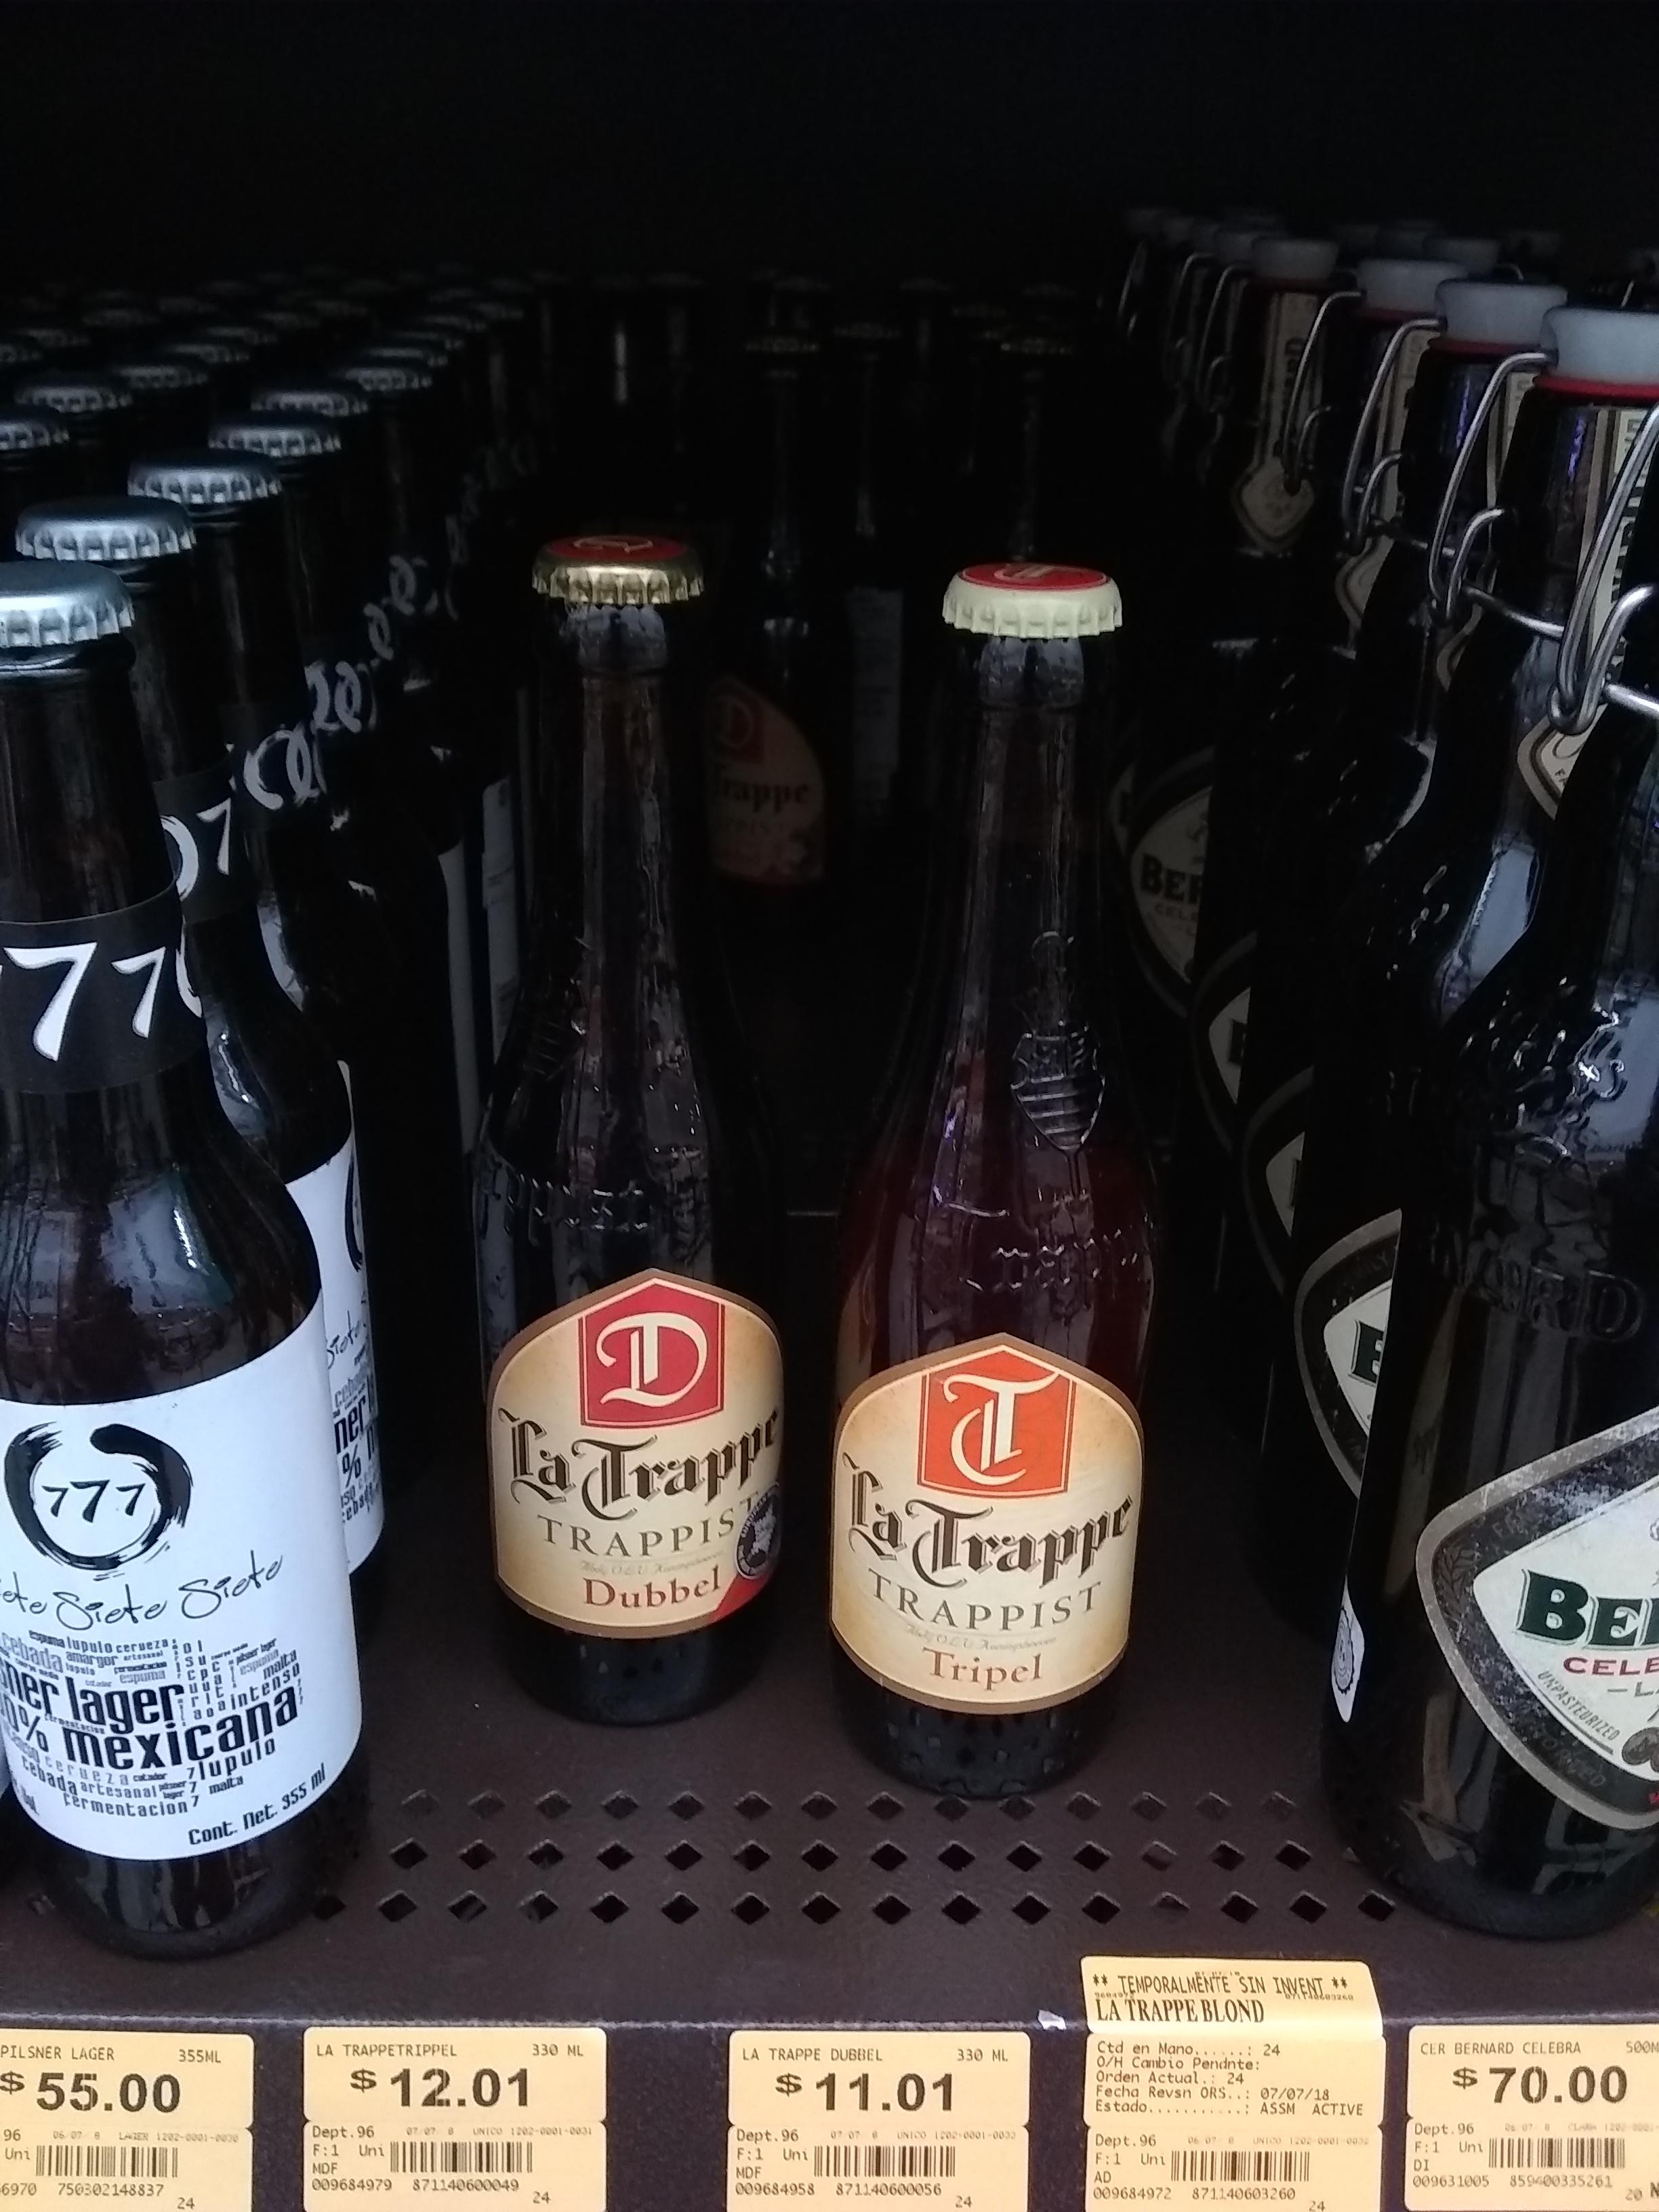 Superama: Cerveza La Trappe dubble y tripel $11 y $12